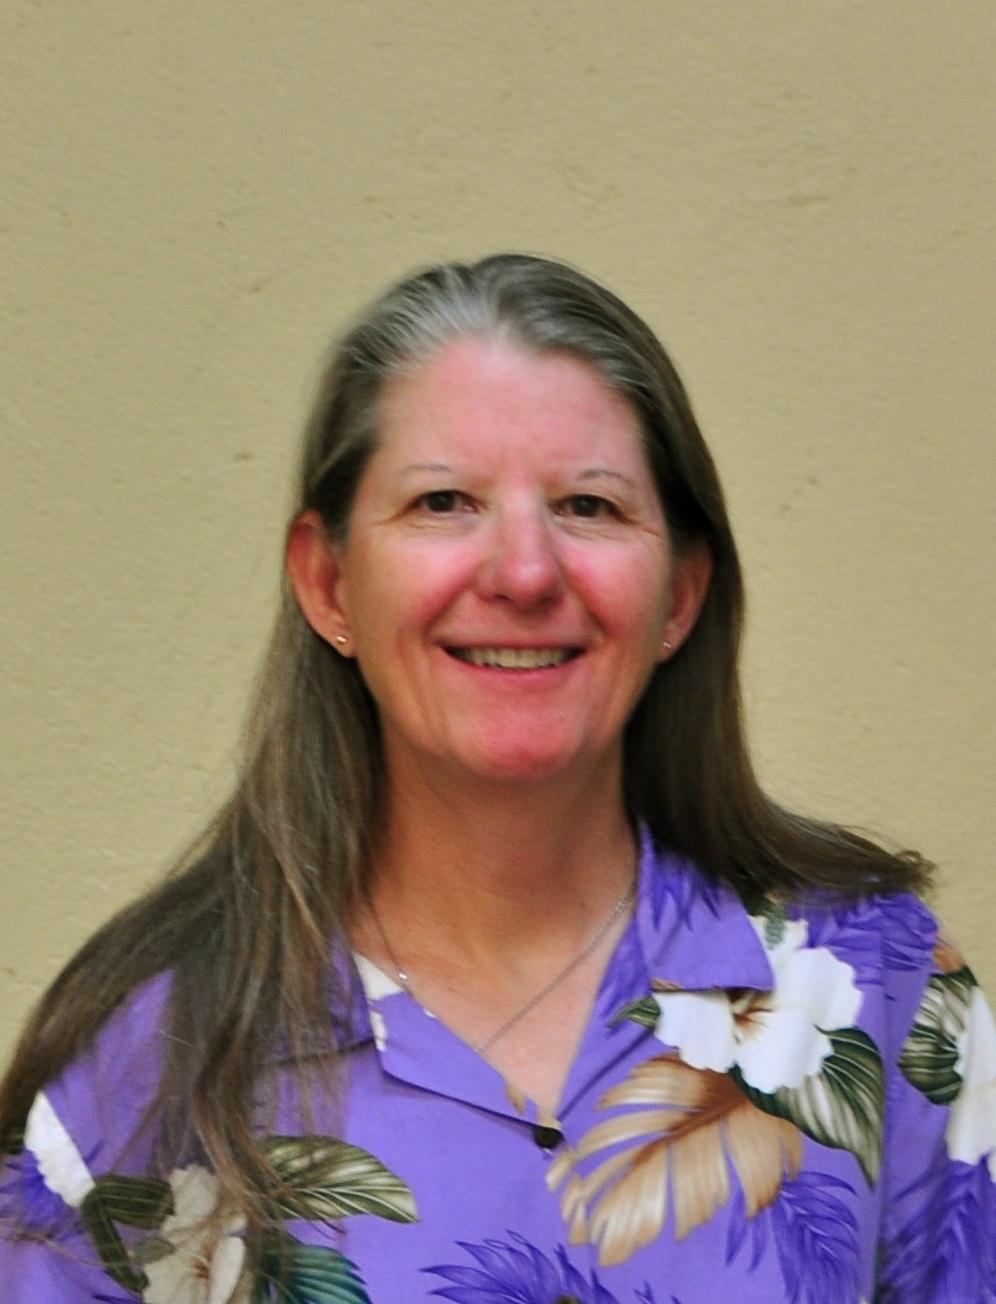 Jolene Kramer